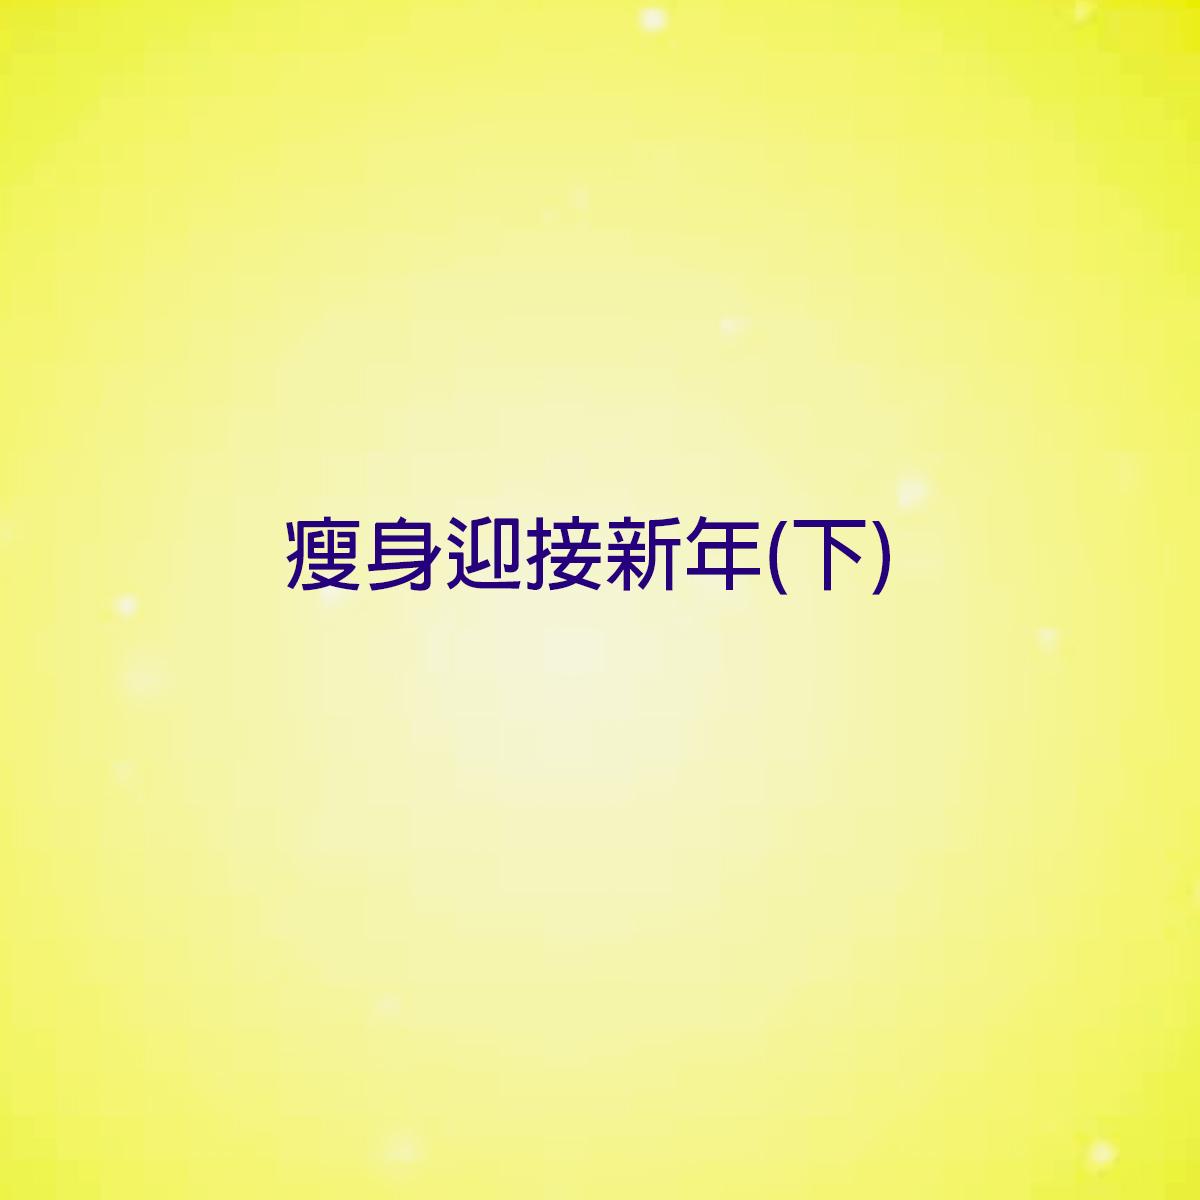 瘦身迎接新年(下)